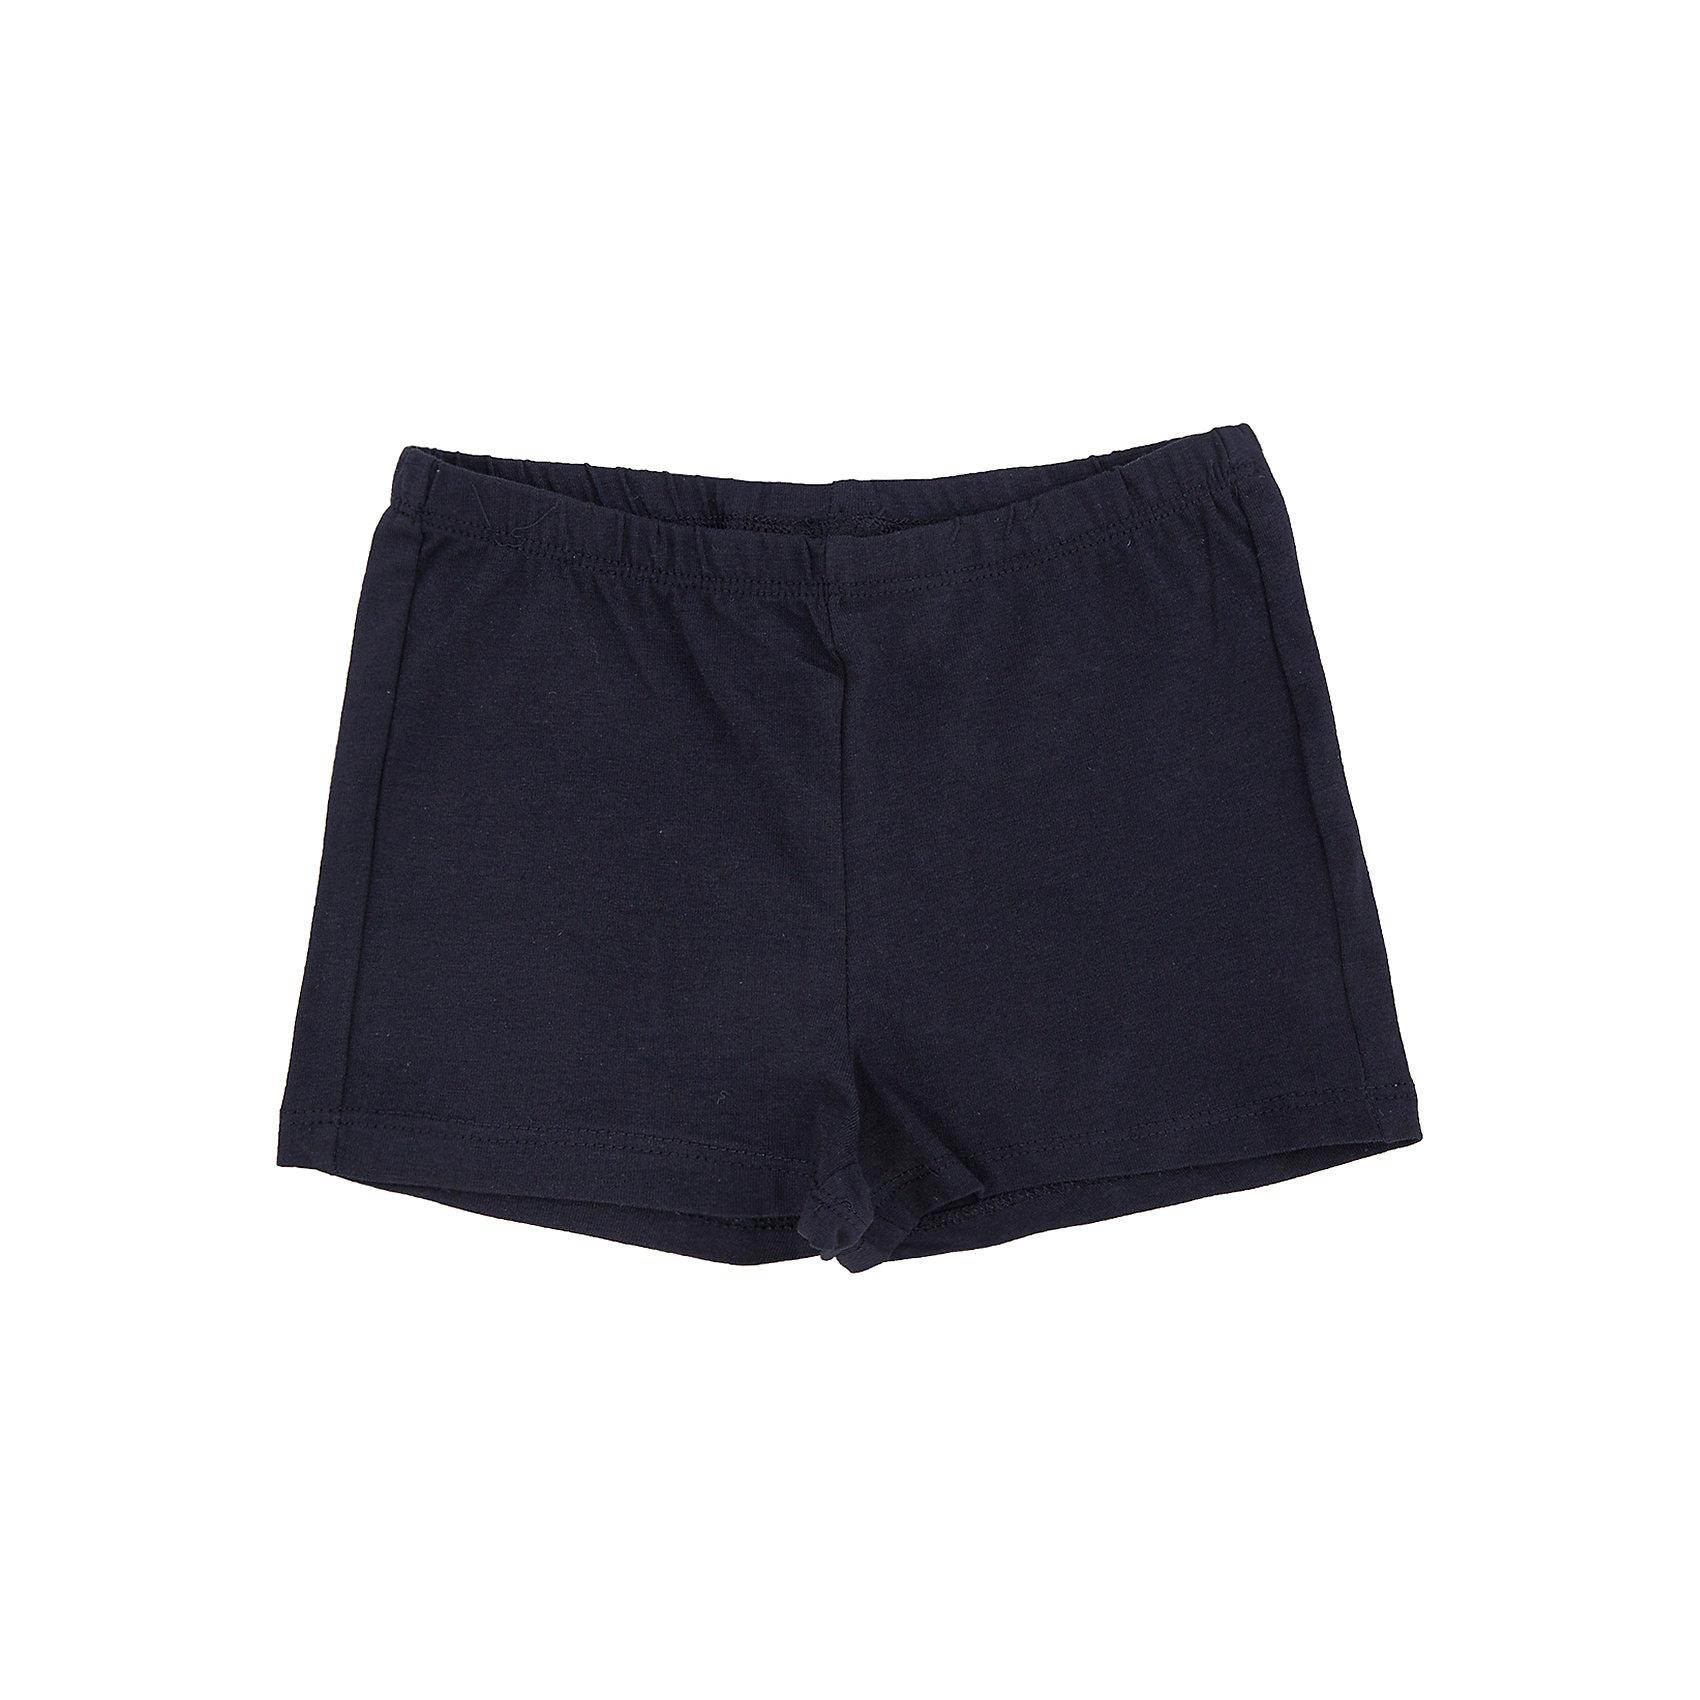 Шорты для девочки SELAСпортивные шорты - незаменимая вещь в детском гардеробе. Эта модель отлично сидит на ребенке, она сшита из приятного на ощупь материала, натуральный хлопок не вызывает аллергии и обеспечивает ребенку комфорт. Модель станет отличной базовой вещью, которая будет уместна в различных сочетаниях.<br>Одежда от бренда Sela (Села) - это качество по приемлемым ценам. Многие российские родители уже оценили преимущества продукции этой компании и всё чаще приобретают одежду и аксессуары Sela.<br><br>Дополнительная информация:<br><br>материал: 95% хлопок, 5% эластан;<br>эластичный материал;<br>резинка в поясе.<br><br>Шорты для девочки от бренда Sela можно купить в нашем интернет-магазине.<br><br>Ширина мм: 191<br>Глубина мм: 10<br>Высота мм: 175<br>Вес г: 273<br>Цвет: черный<br>Возраст от месяцев: 24<br>Возраст до месяцев: 36<br>Пол: Женский<br>Возраст: Детский<br>Размер: 98,92,116,110,104<br>SKU: 4883657